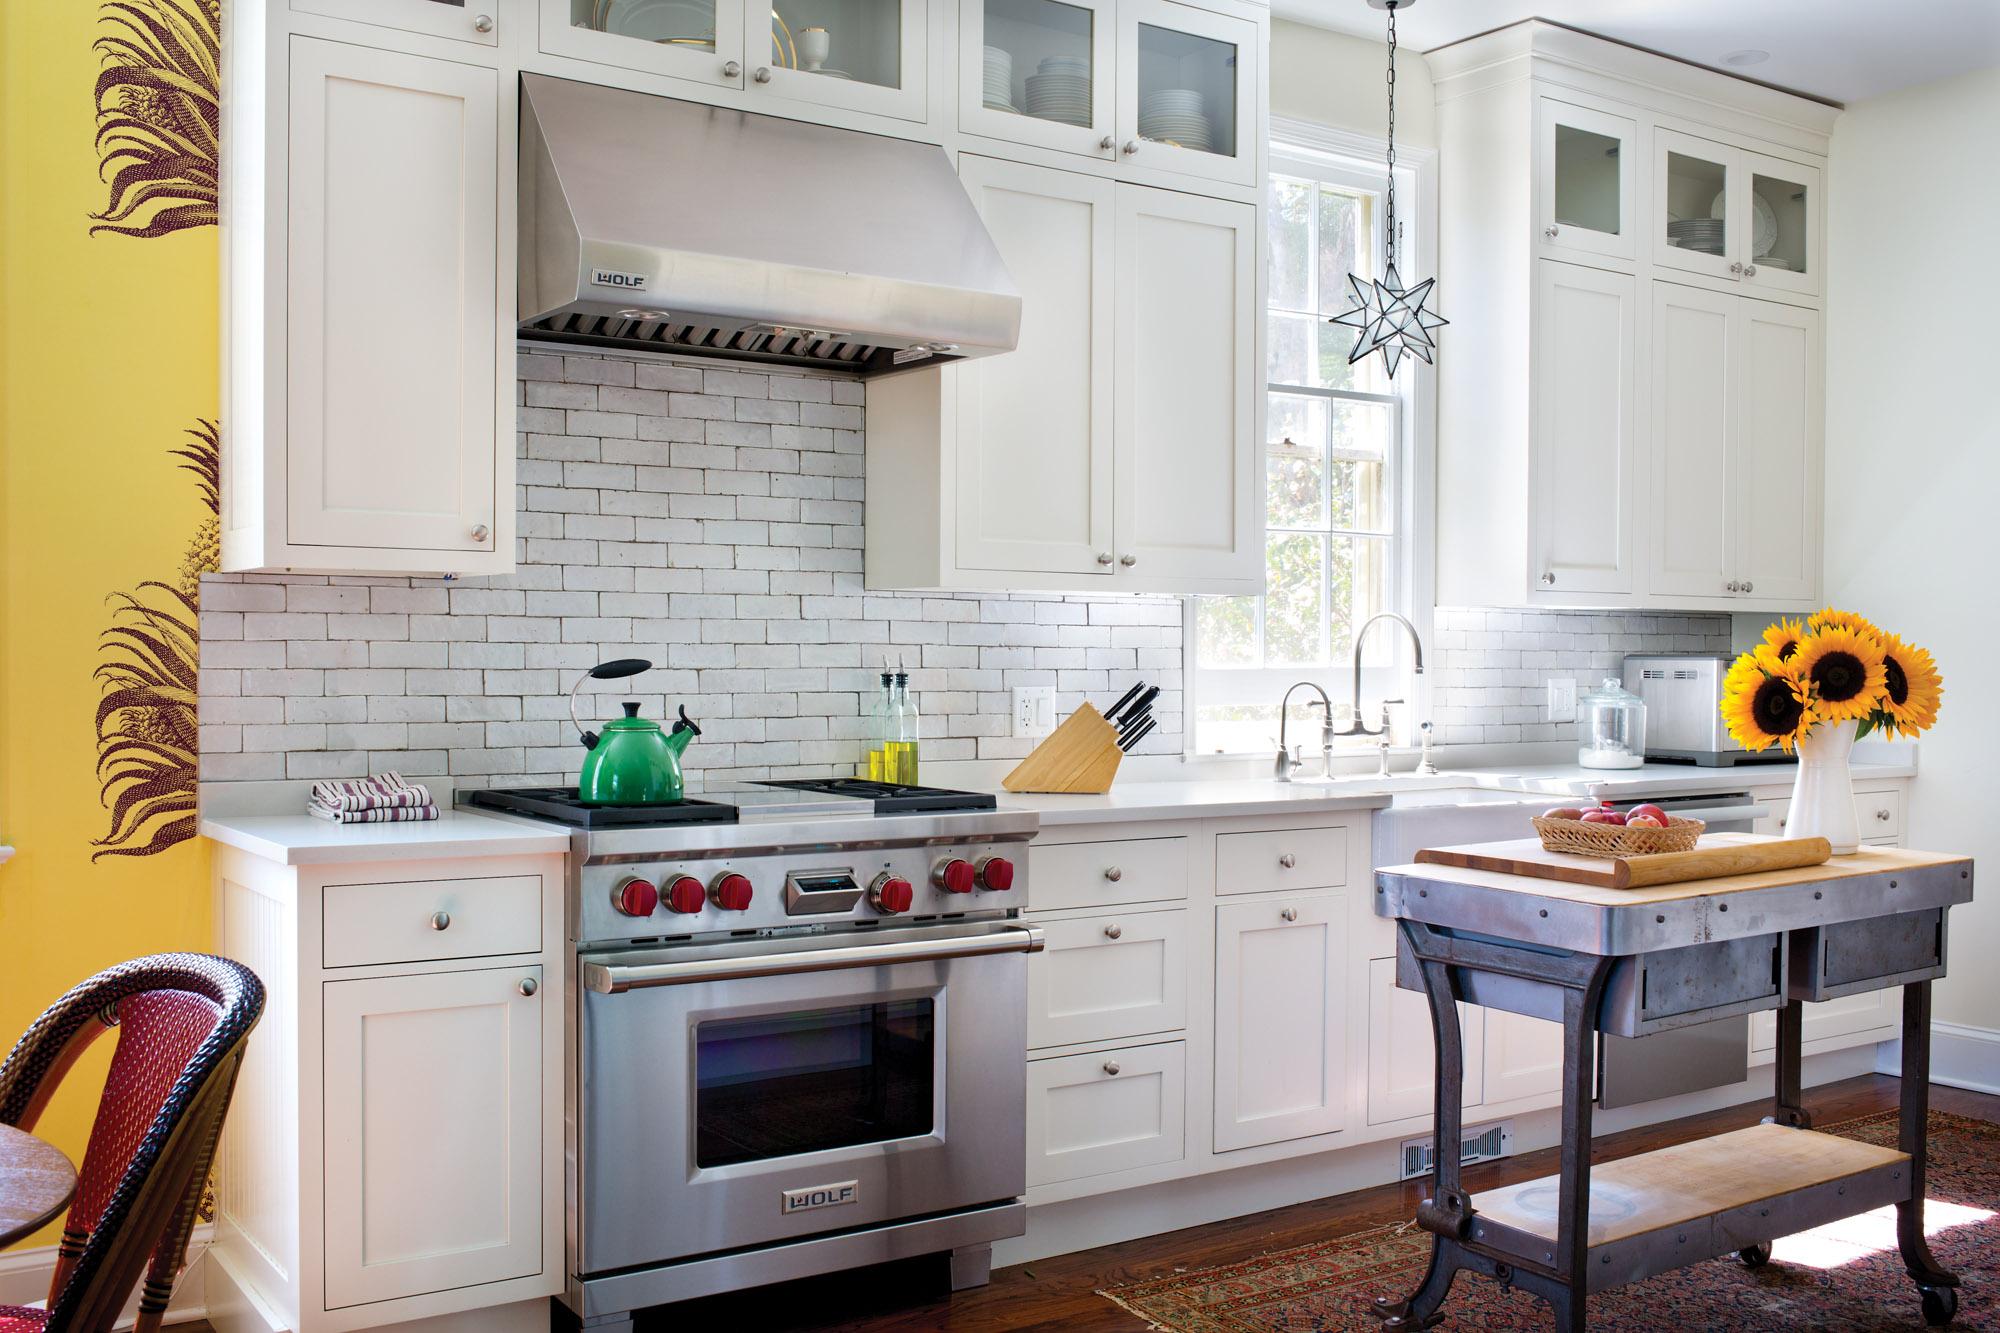 white handcrafted tile backsplash